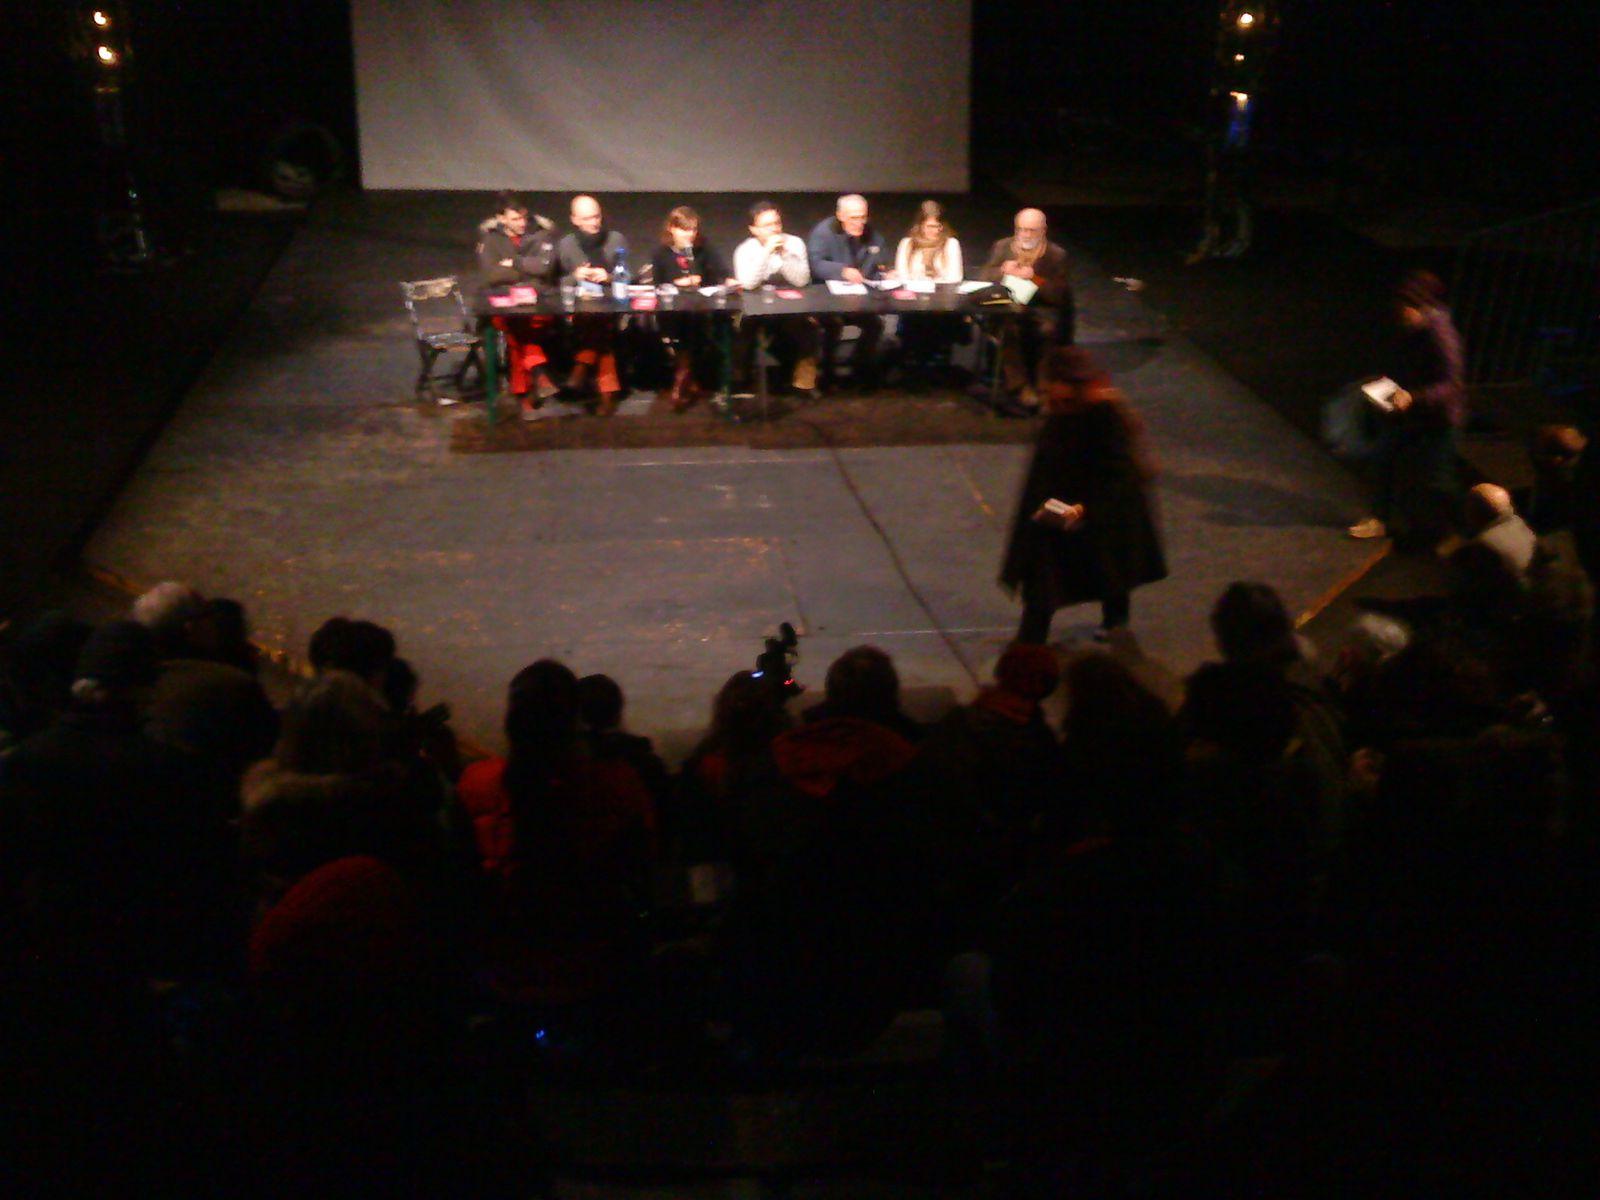 """Une très belle journée au CIRQUE ELECTRIQUE , projection du film de Tony Gatliff """"latchodrome"""" suivi d'un débat sur les conditions de vie des Roms dans notre pays."""